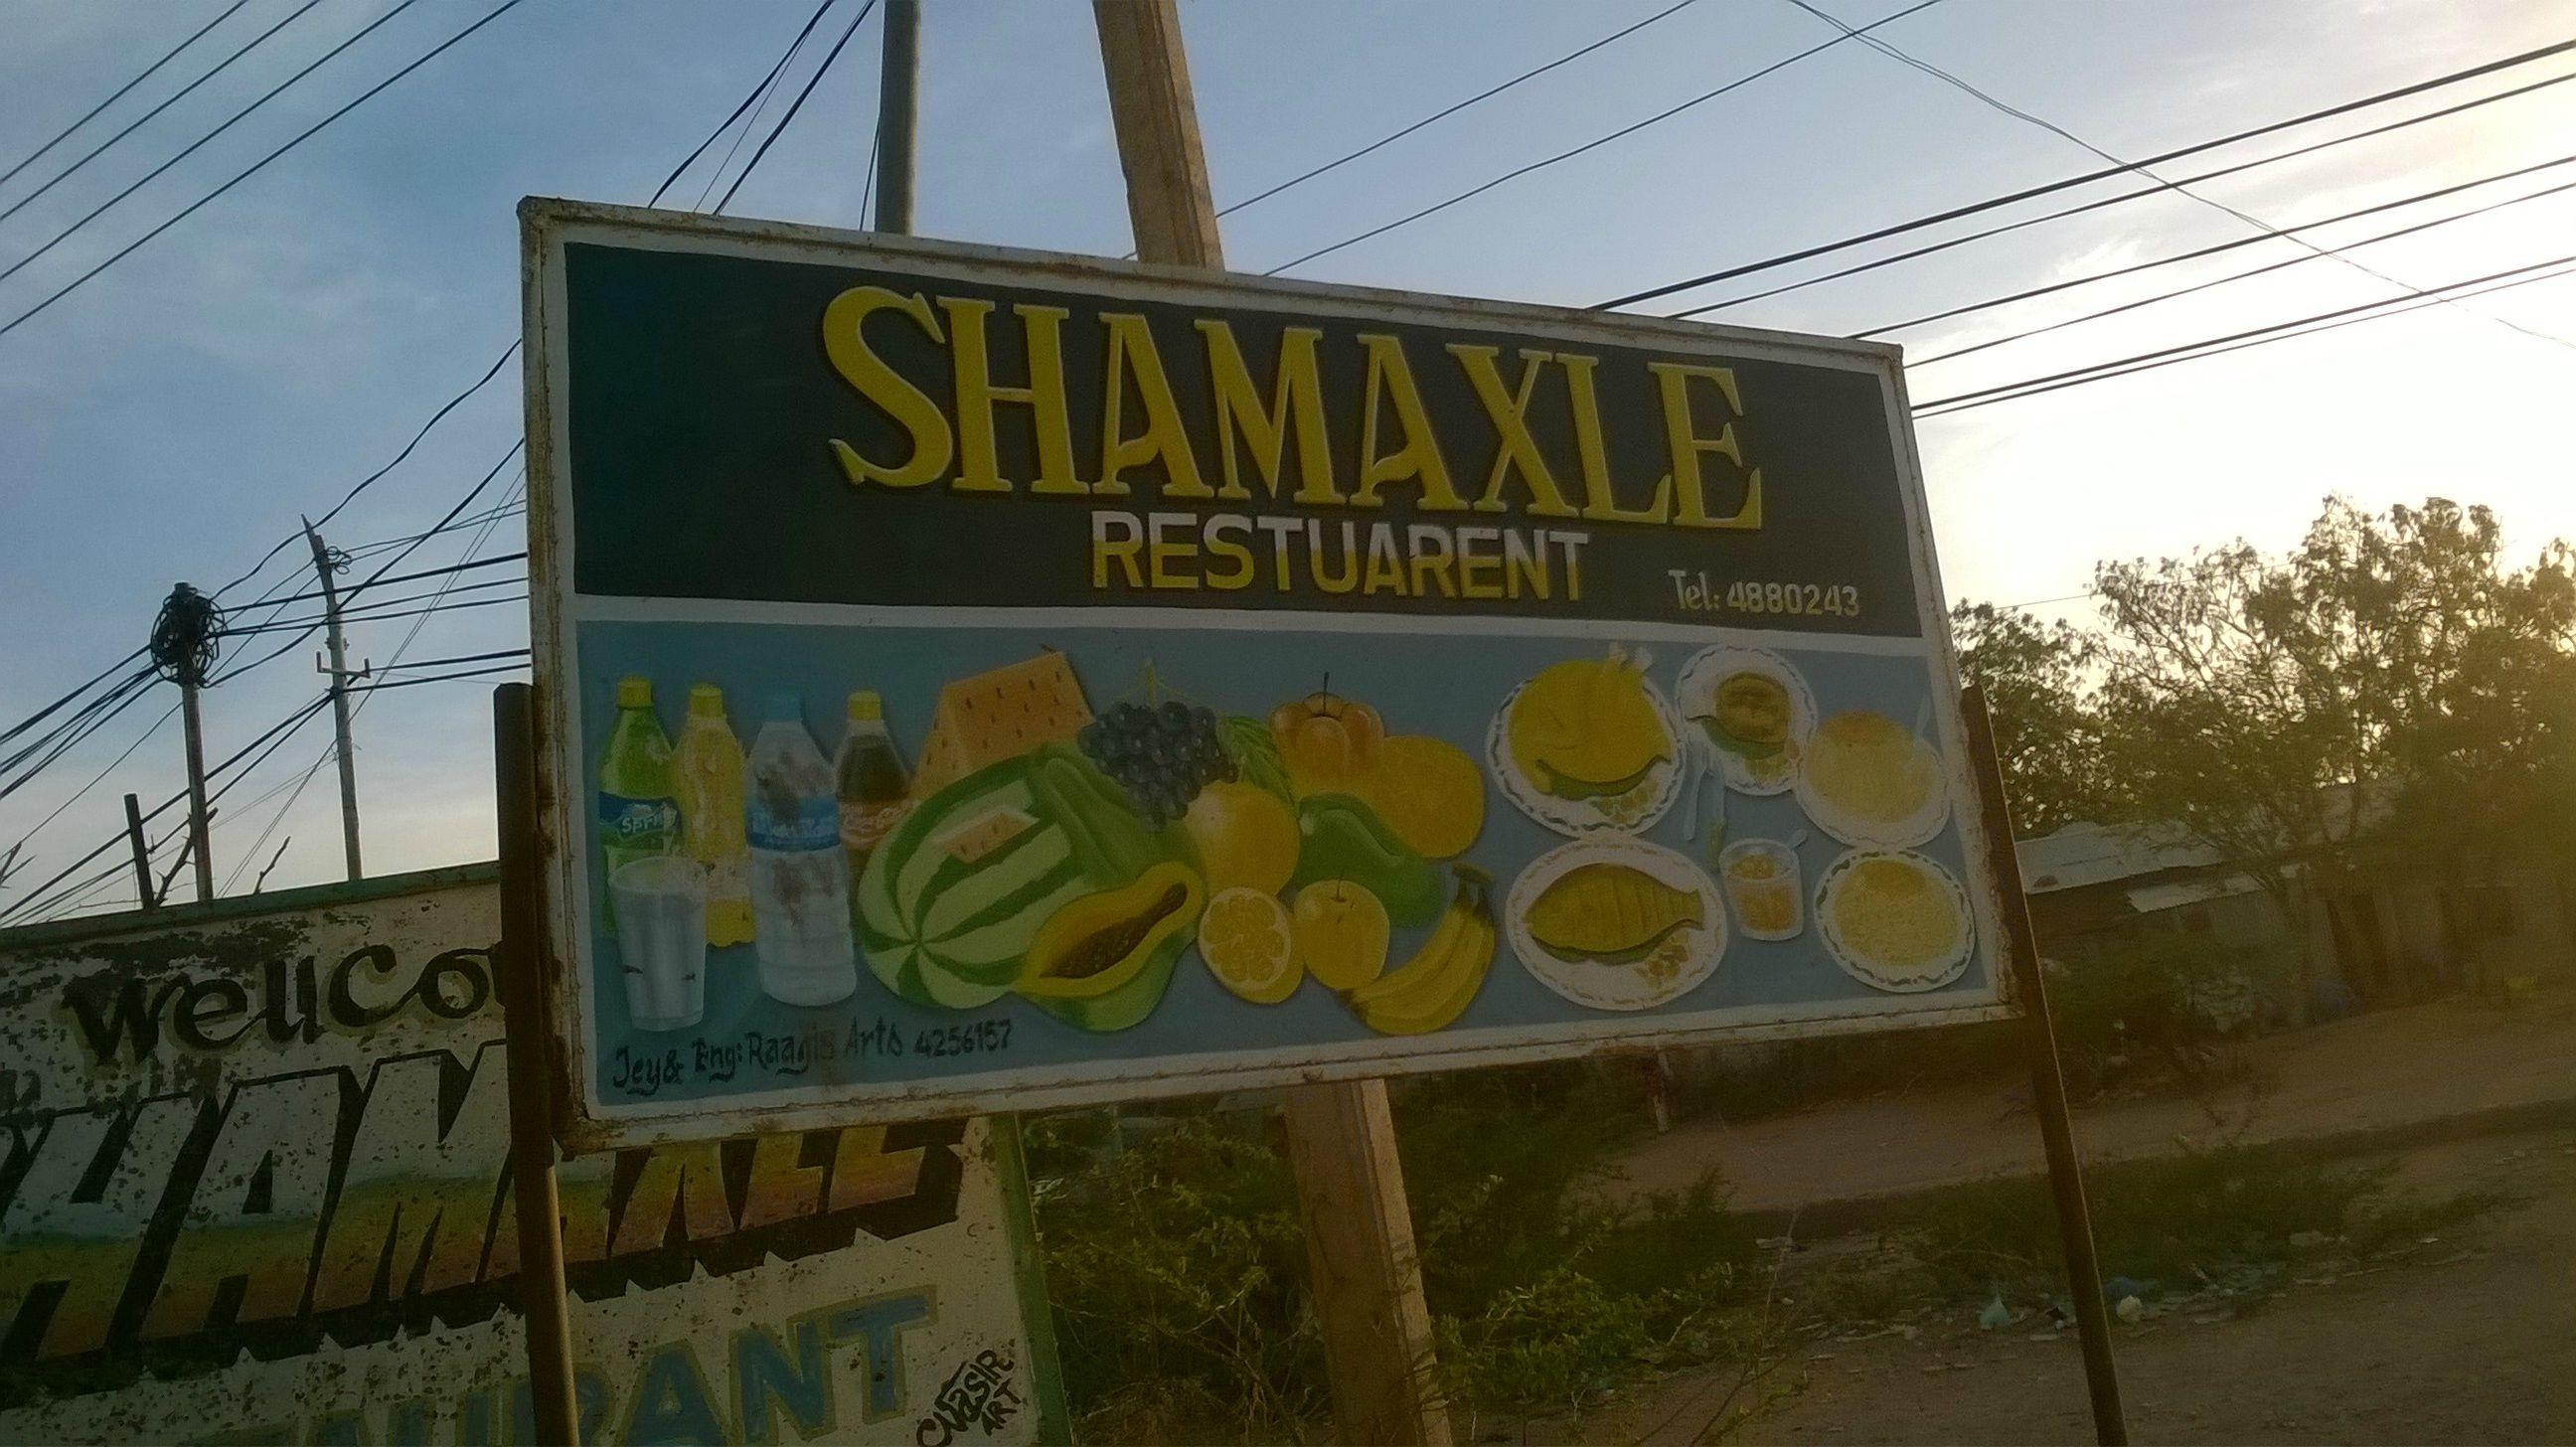 Shamaaxle